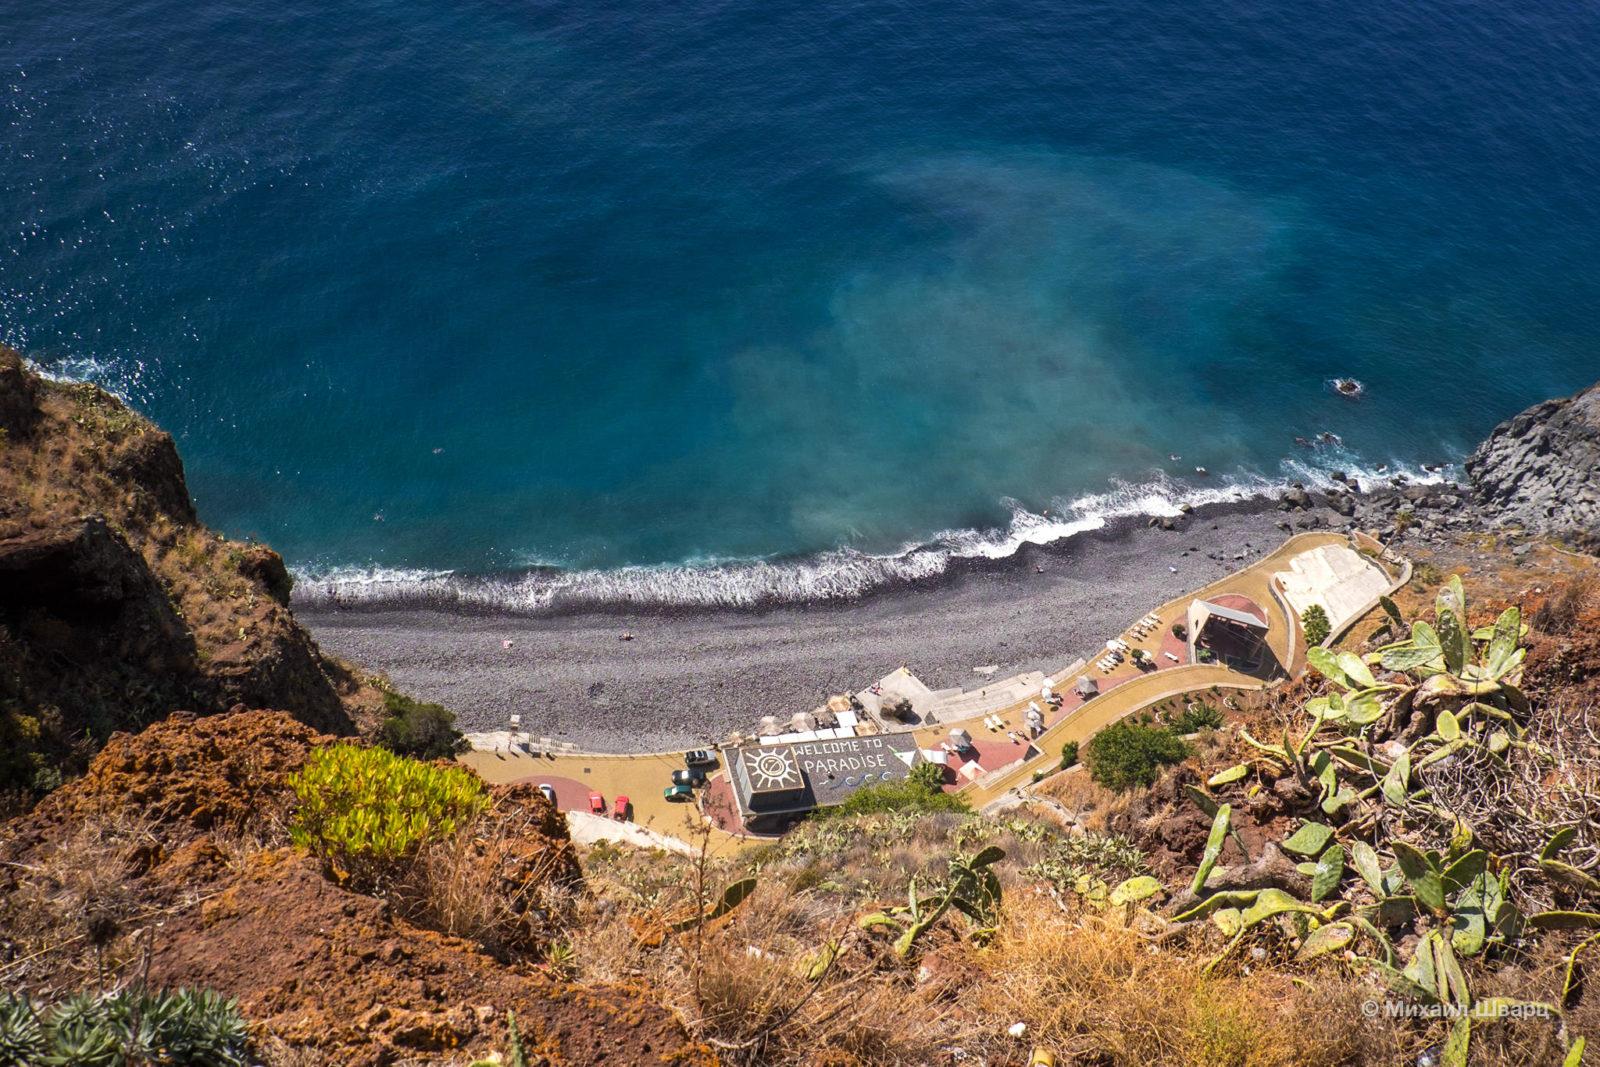 посёлок городского пляжи в мадейра фото обнаружите